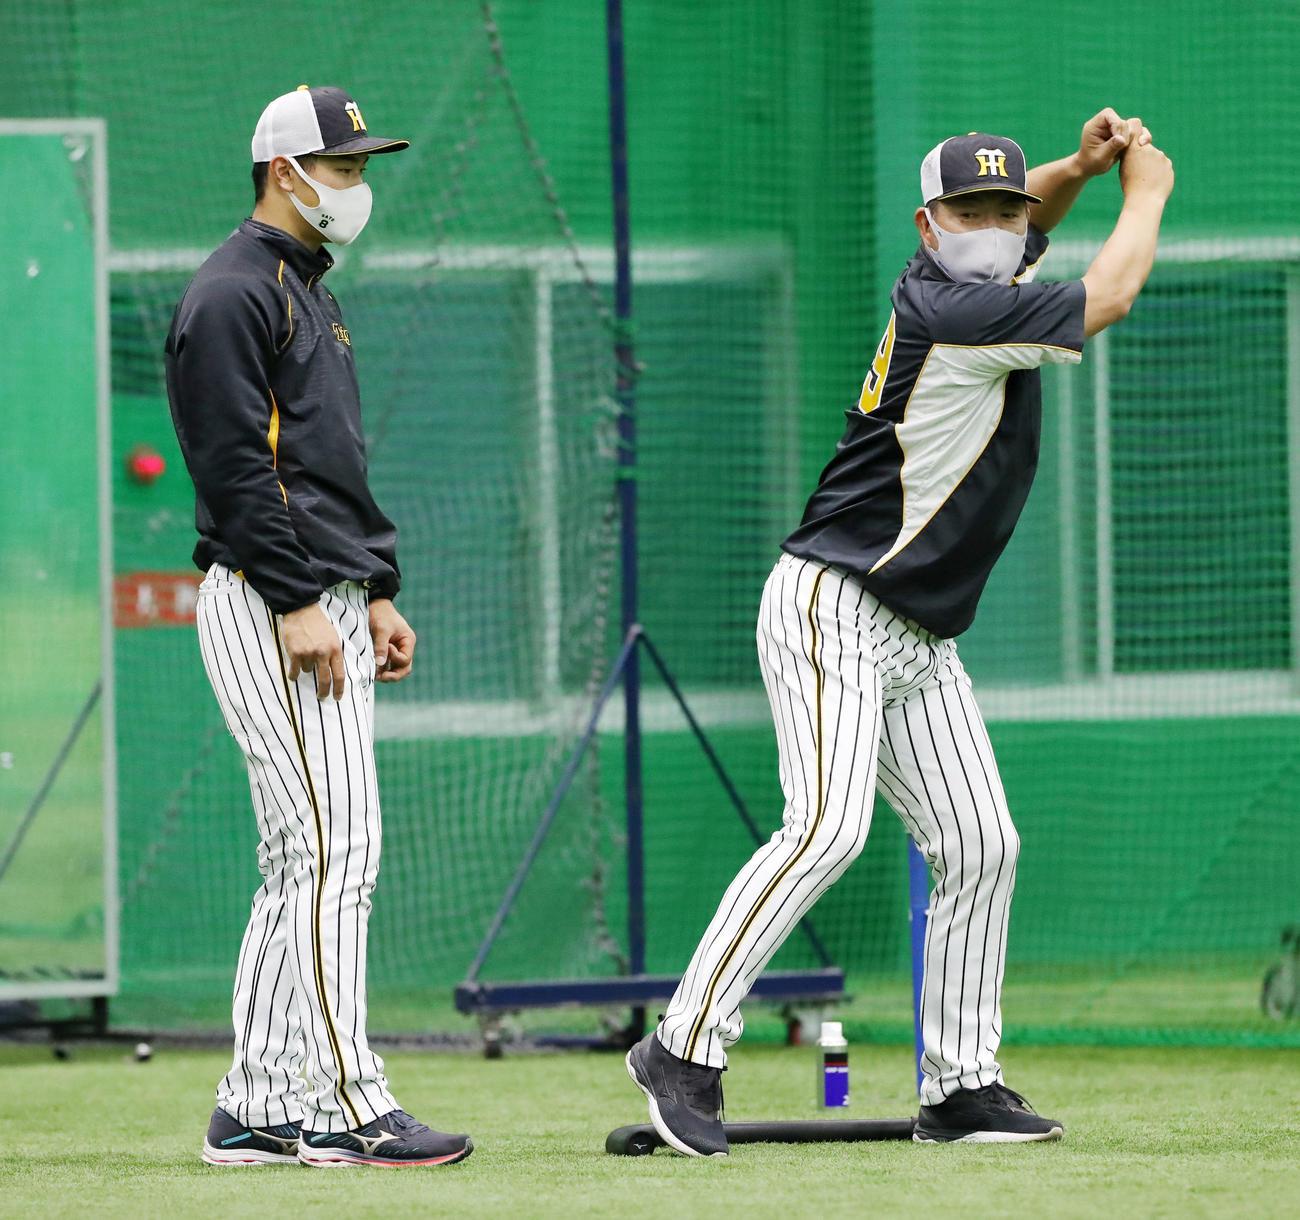 室内で佐藤輝明(左)は井上ヘッドコーチから打撃フォームのアドバイスをうける(2021年4月17日撮影)